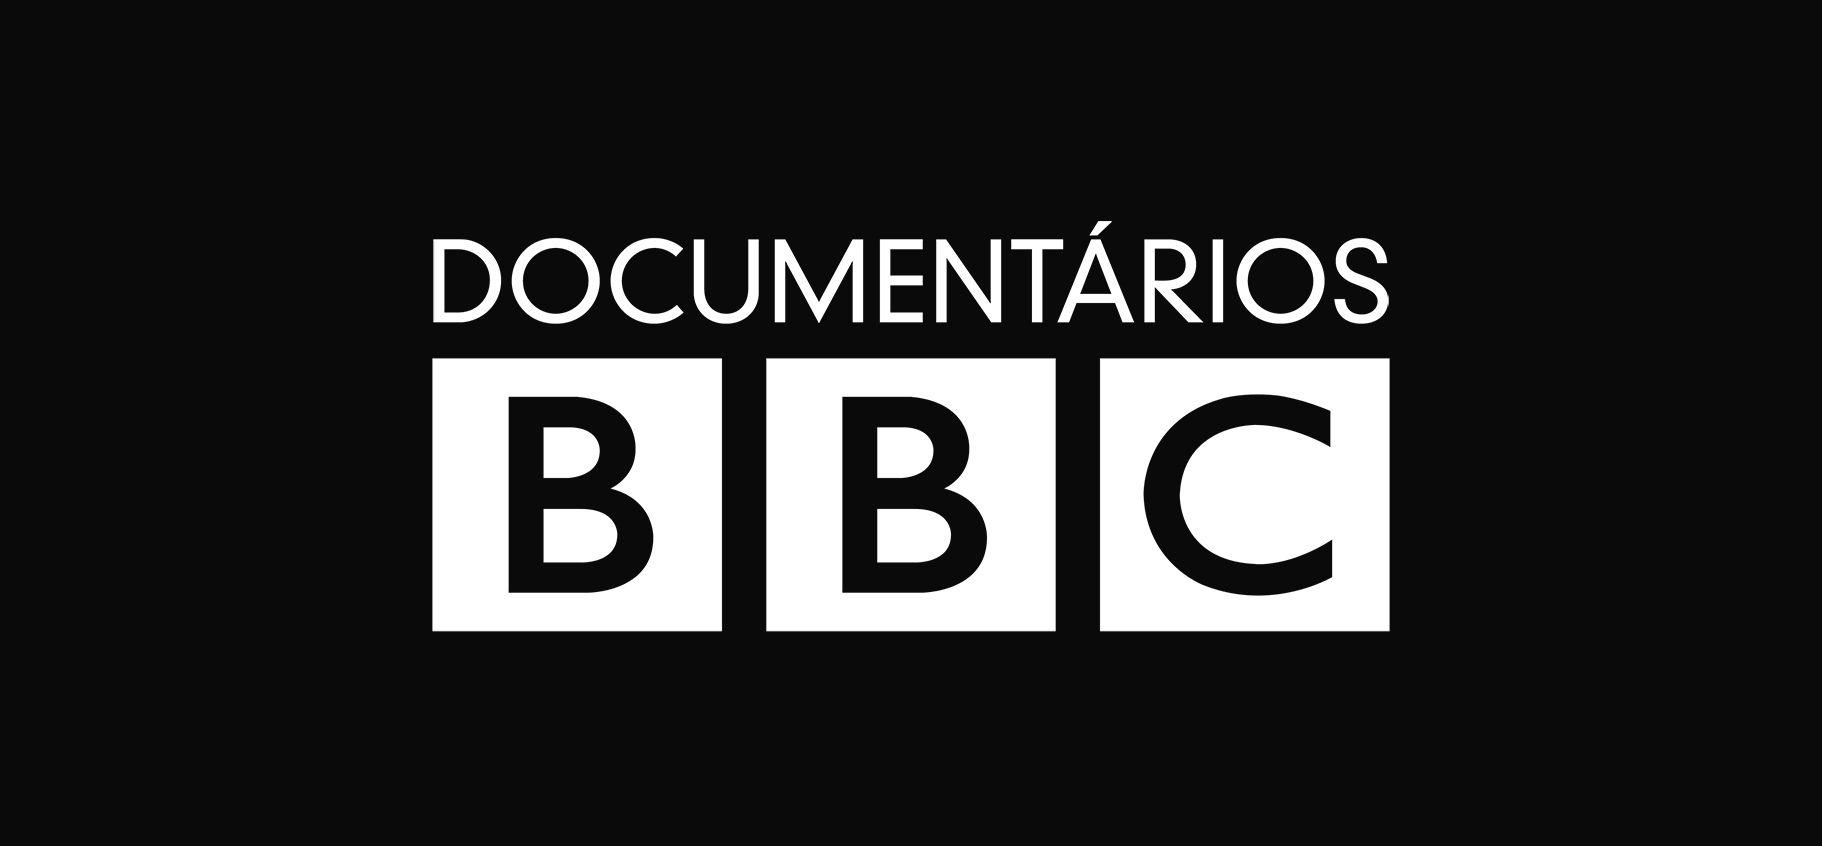 Documentários BBC